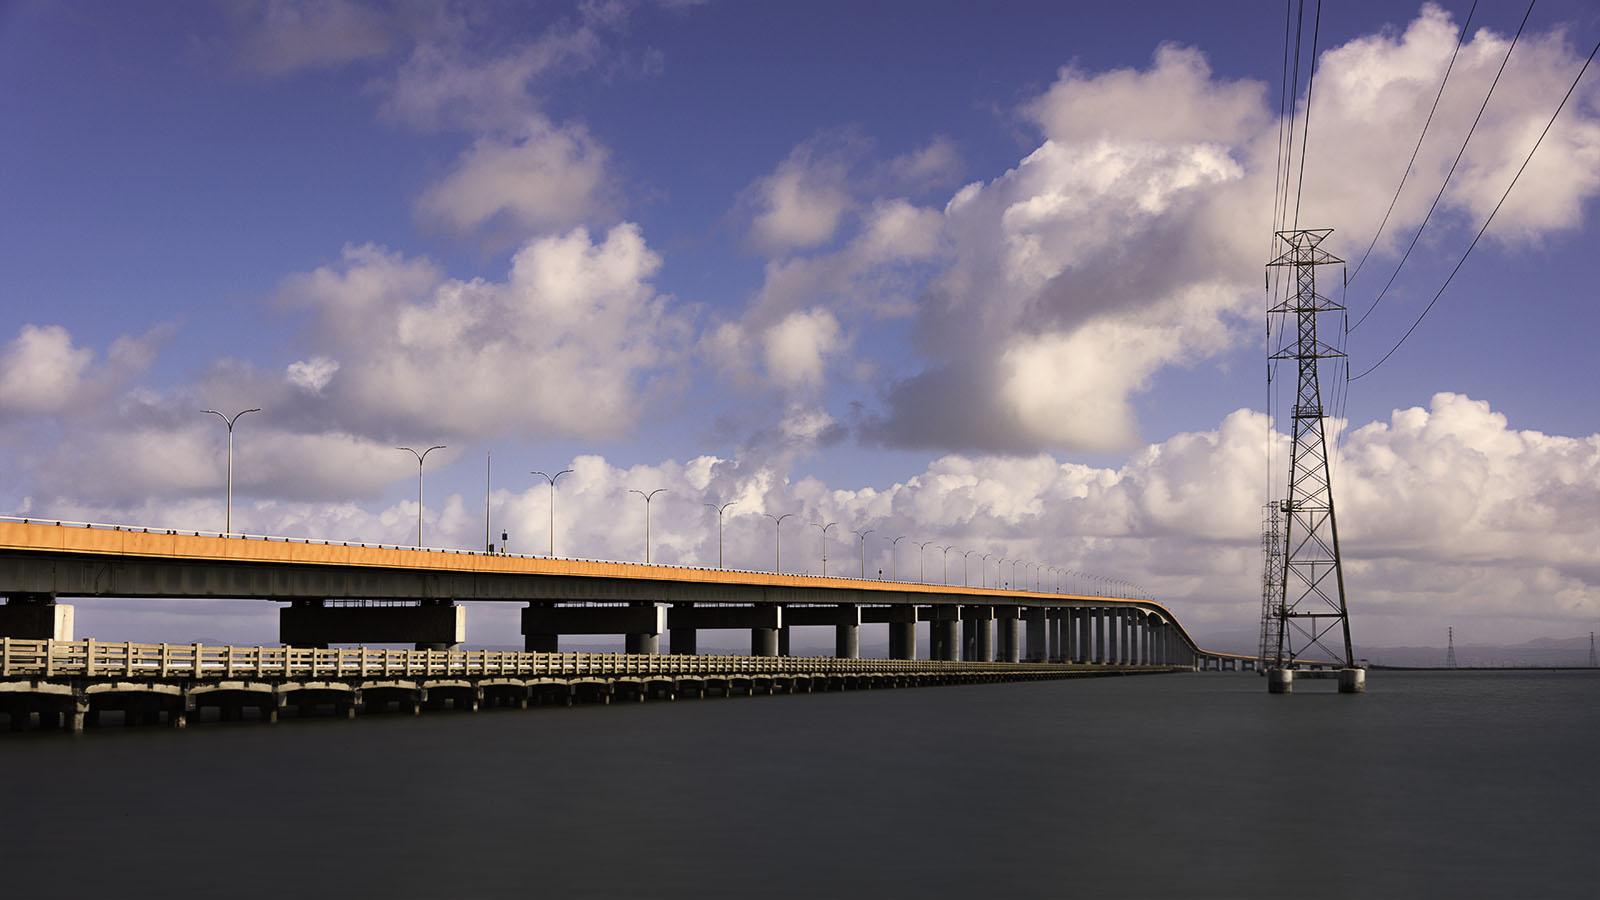 Highway 92 Bridge